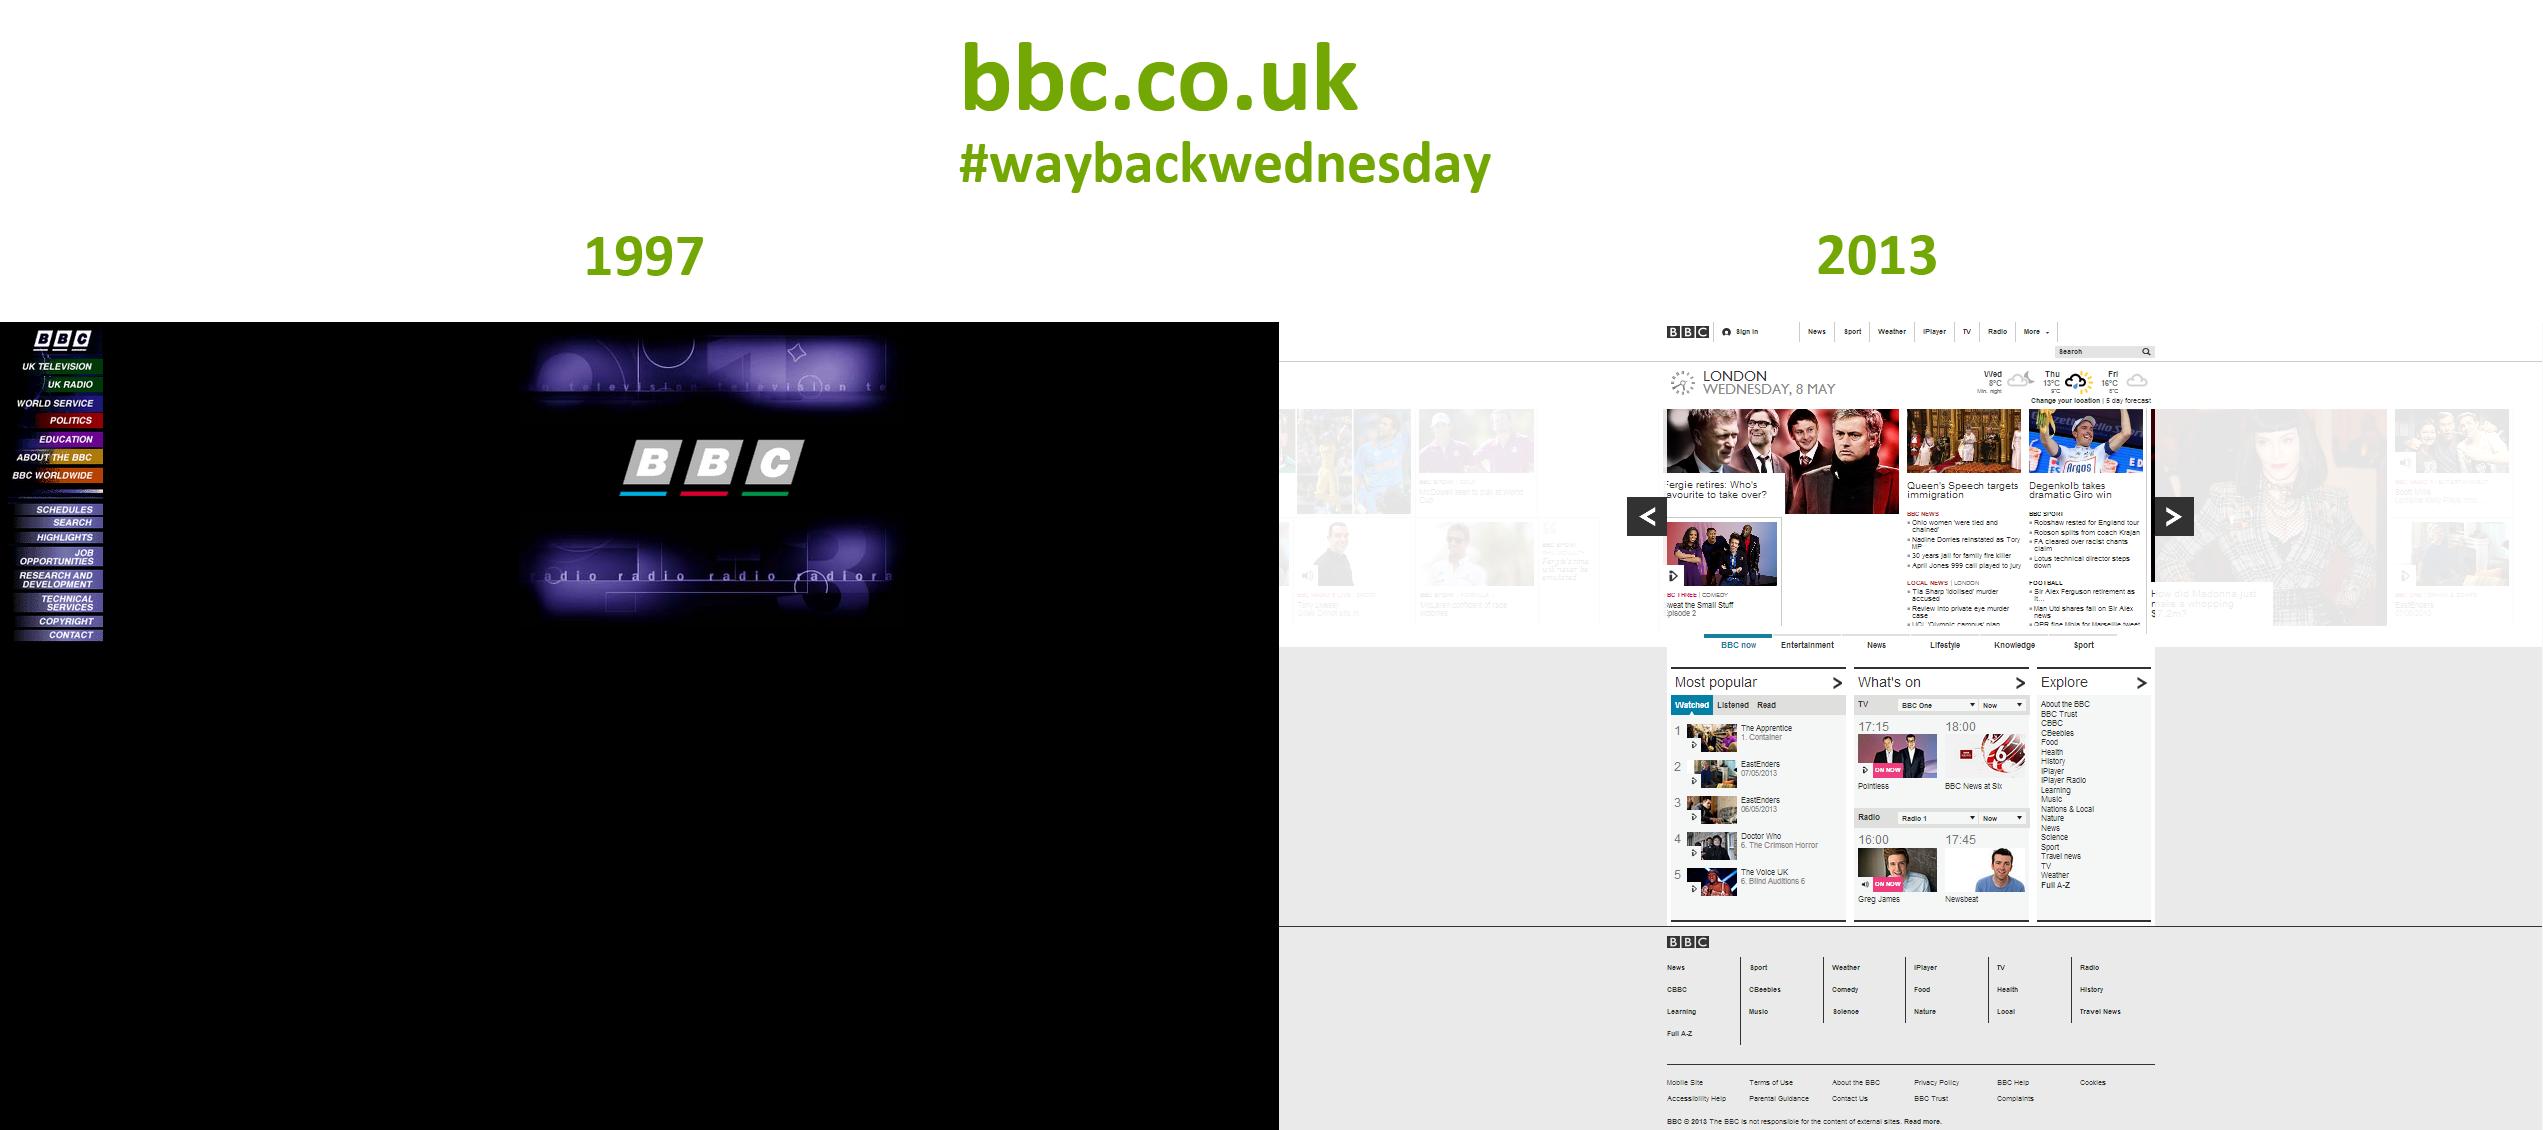 BBC website evolved